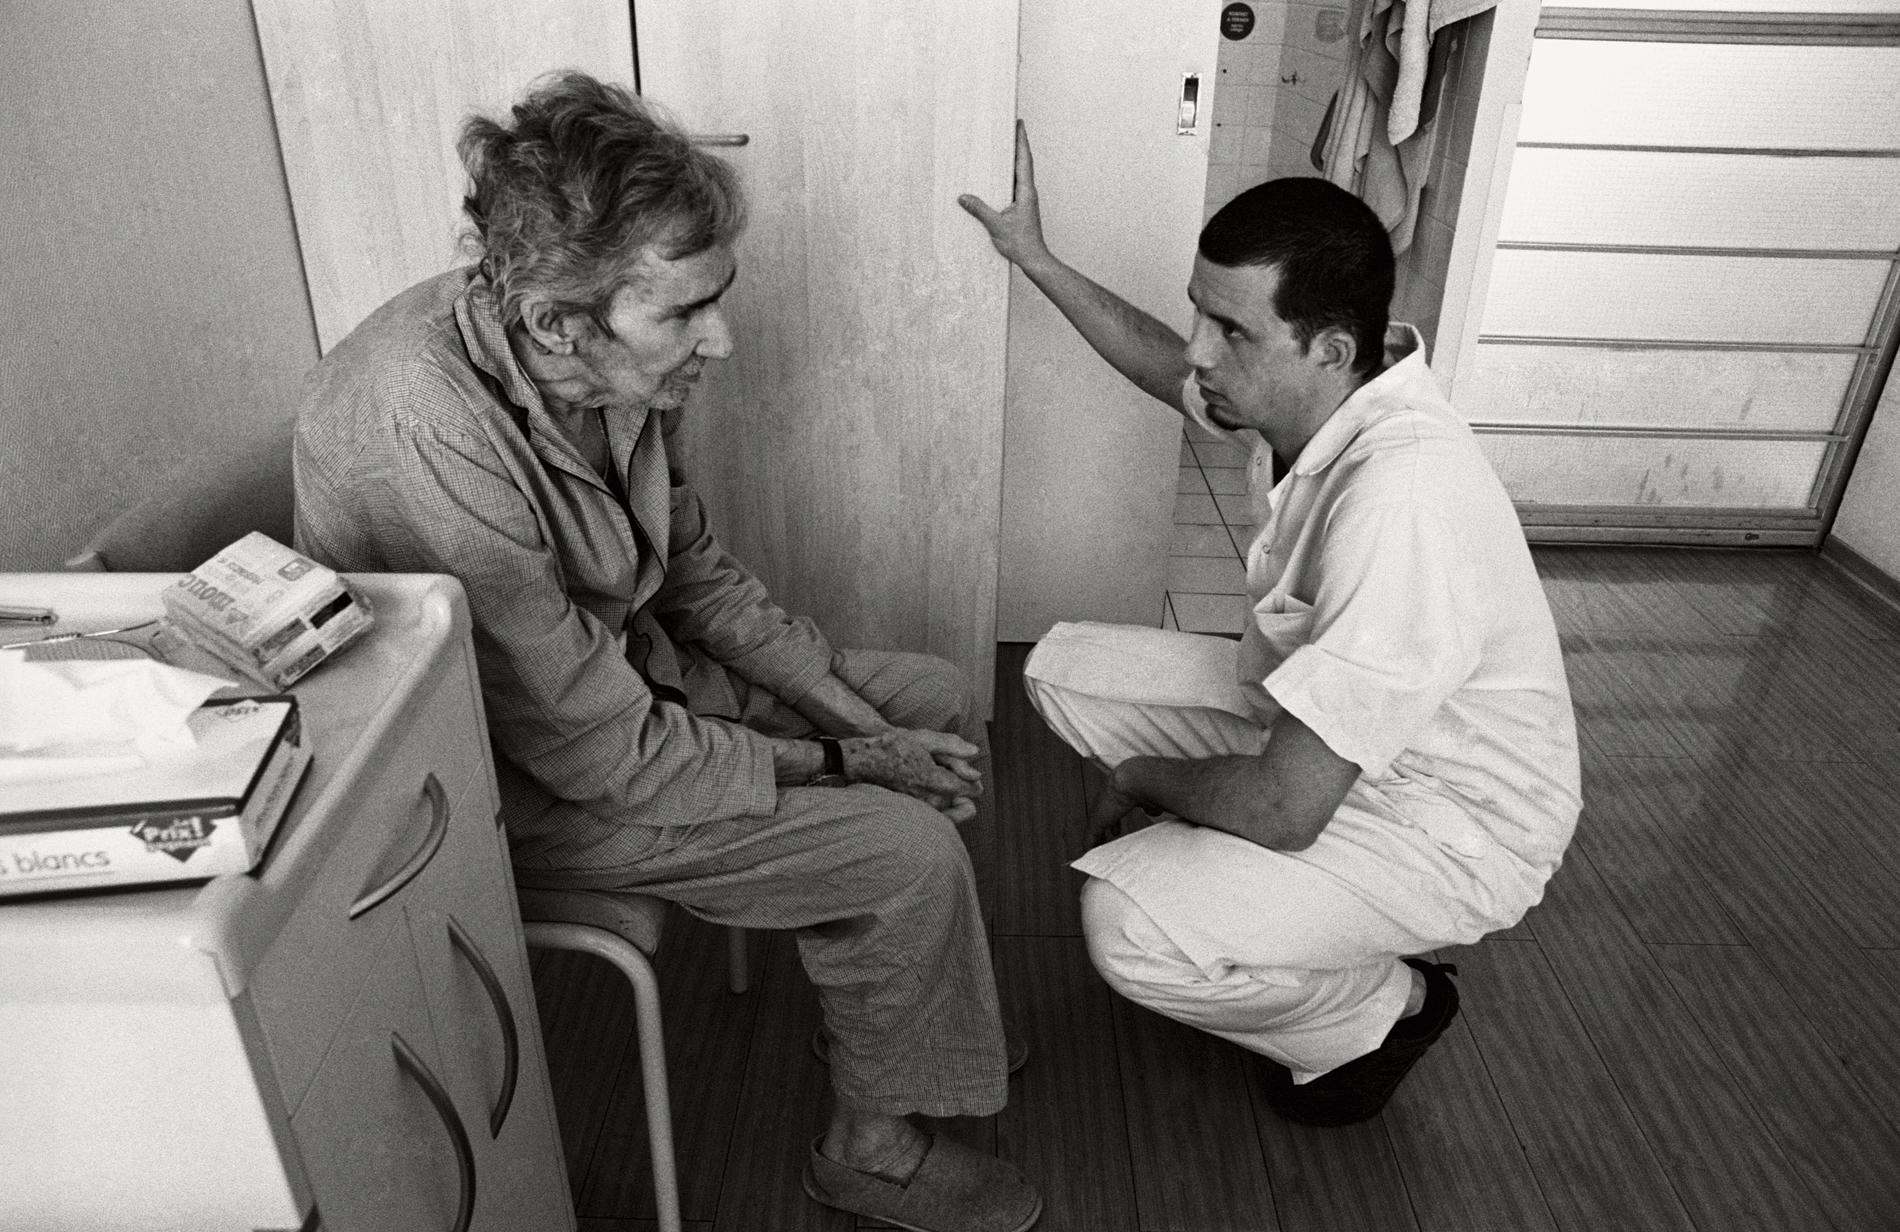 expo-sorbonne-le-temps-dun-regard-paris-aide-soignant-et-patient